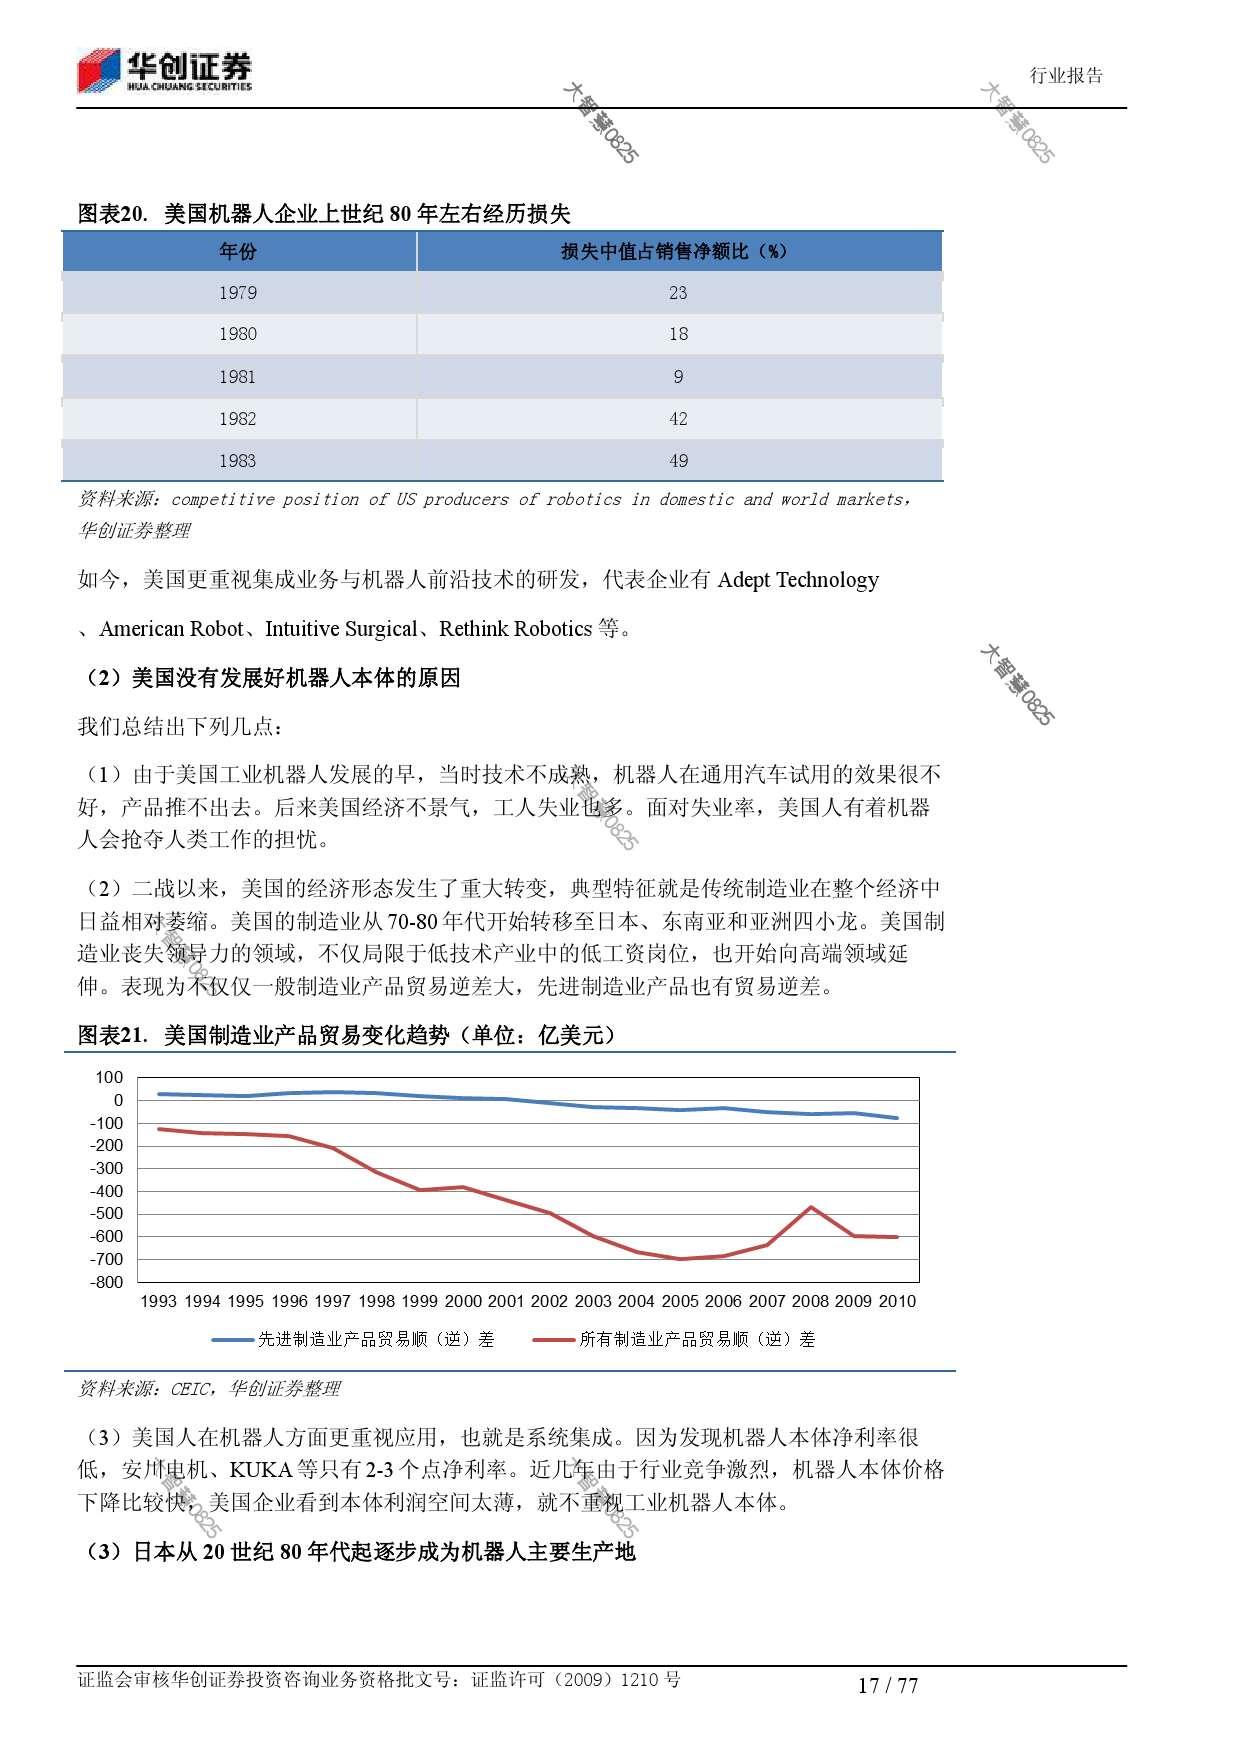 行业研究_华创证券_刘国清,鲁佩_机械设备:机器人大趋势_2014021_000017